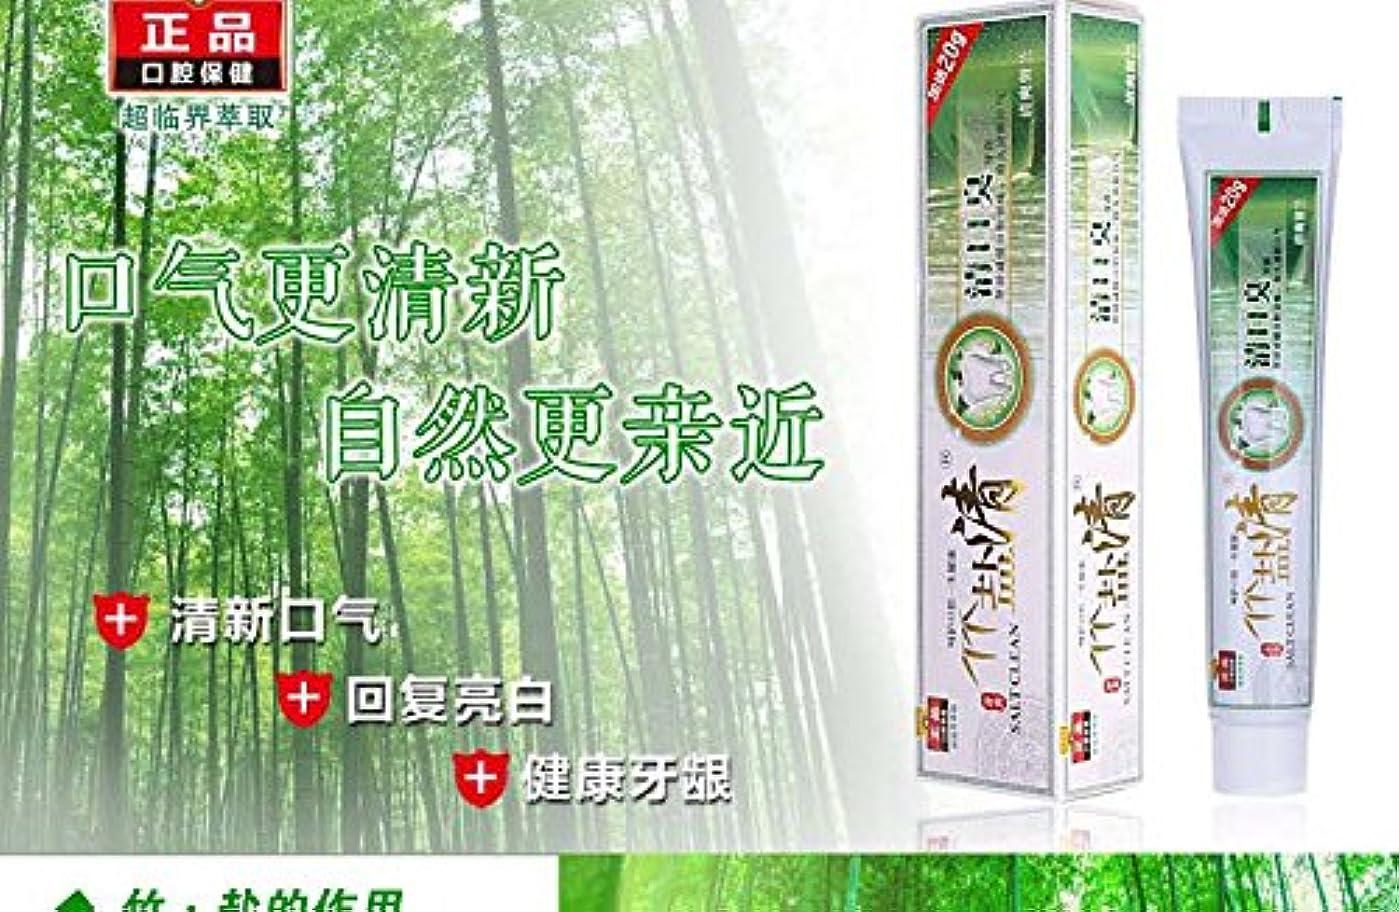 見えるアプライアンス実証する竹塩歯磨き粉 ヤニ、口臭、歯周病にお勧め120g 10点セット